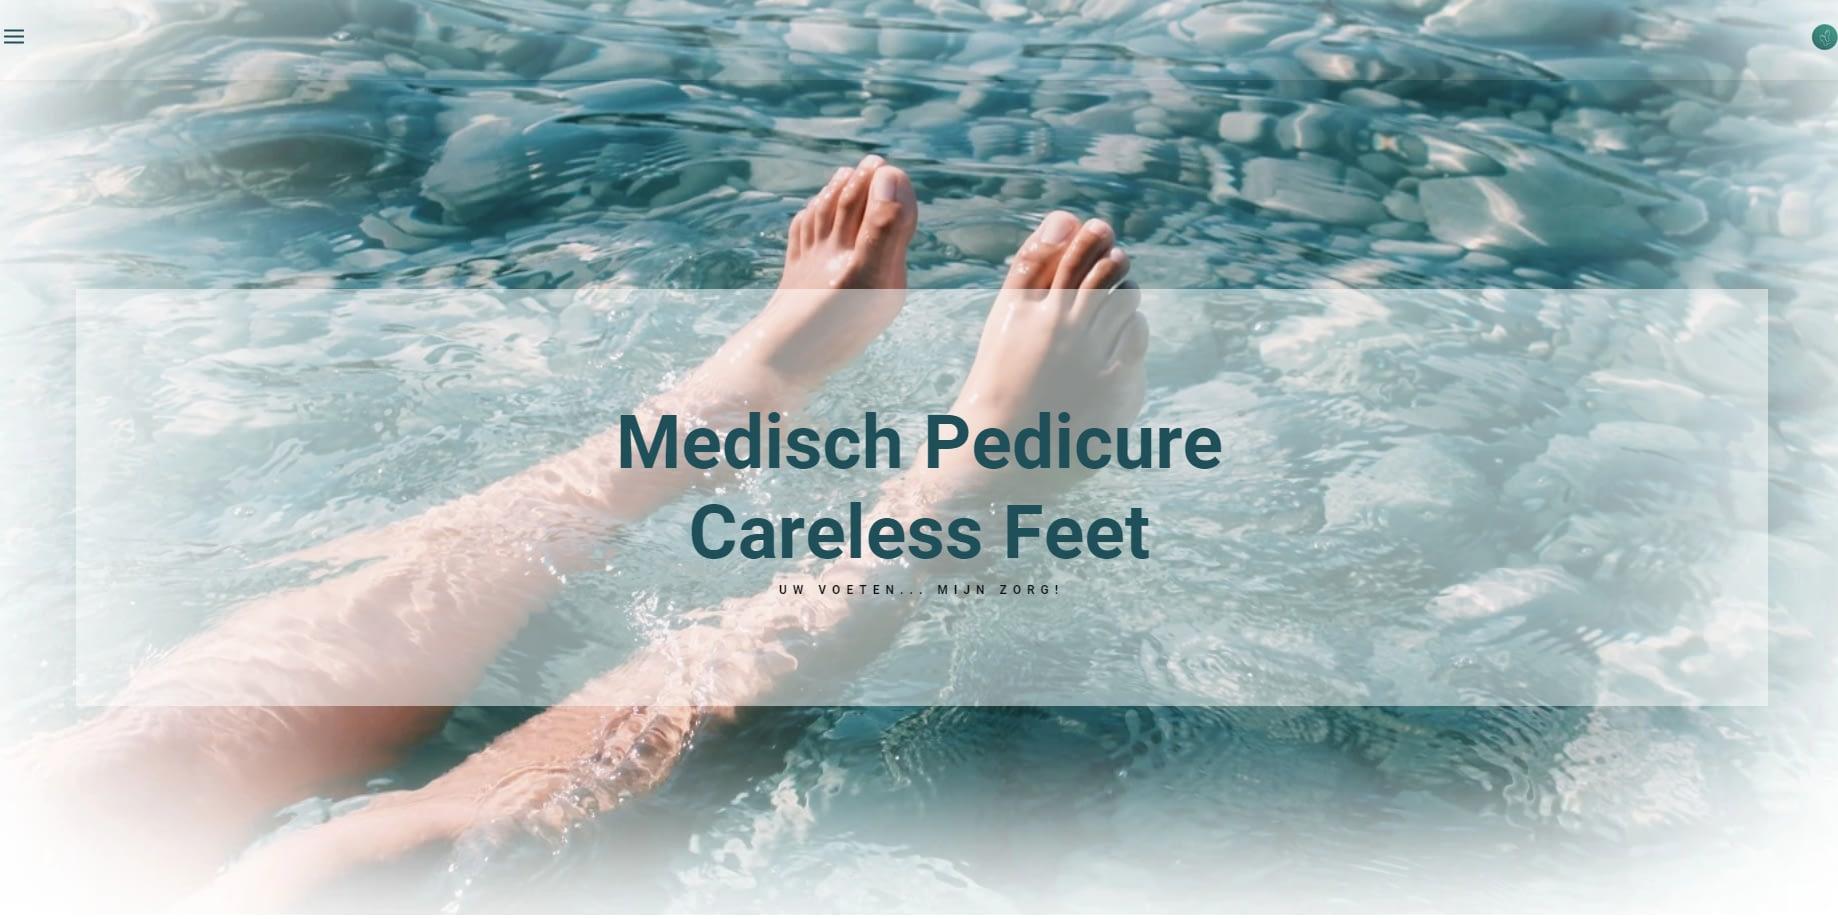 Medisch Pedicure careless feet